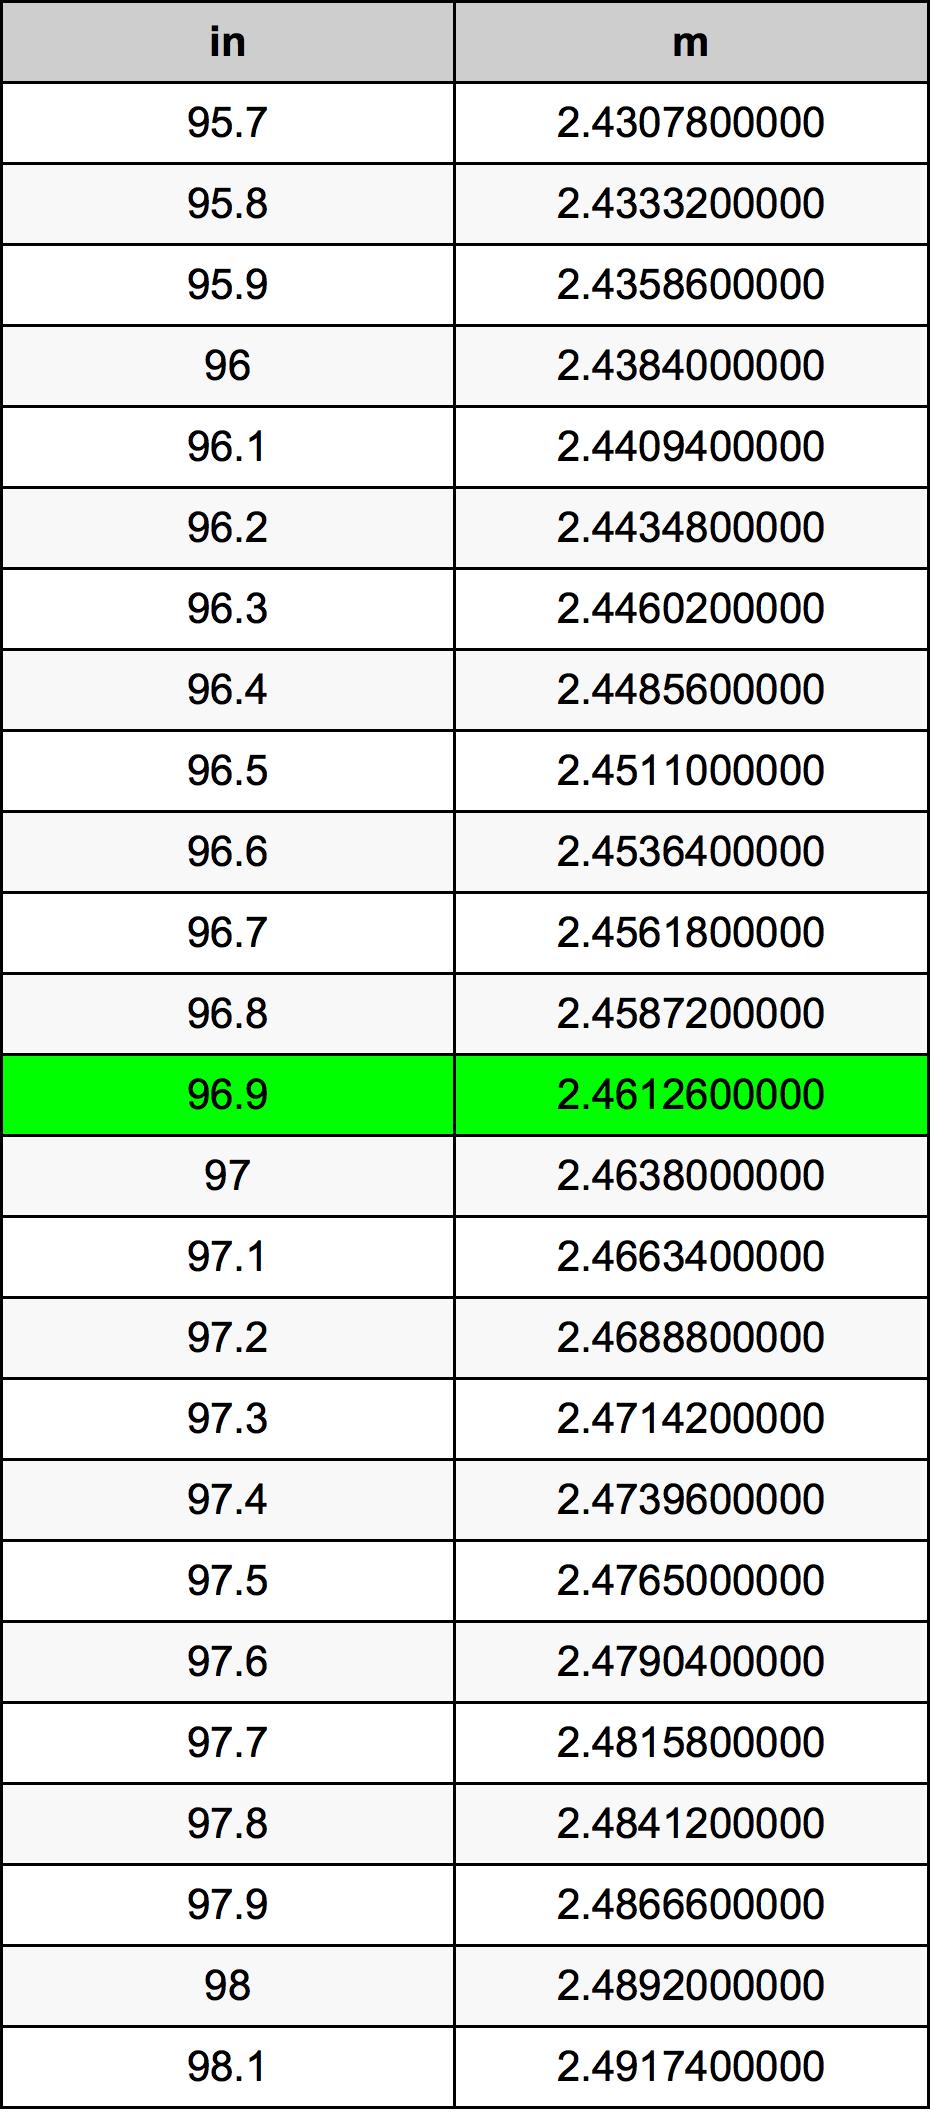 96.9 英寸换算表